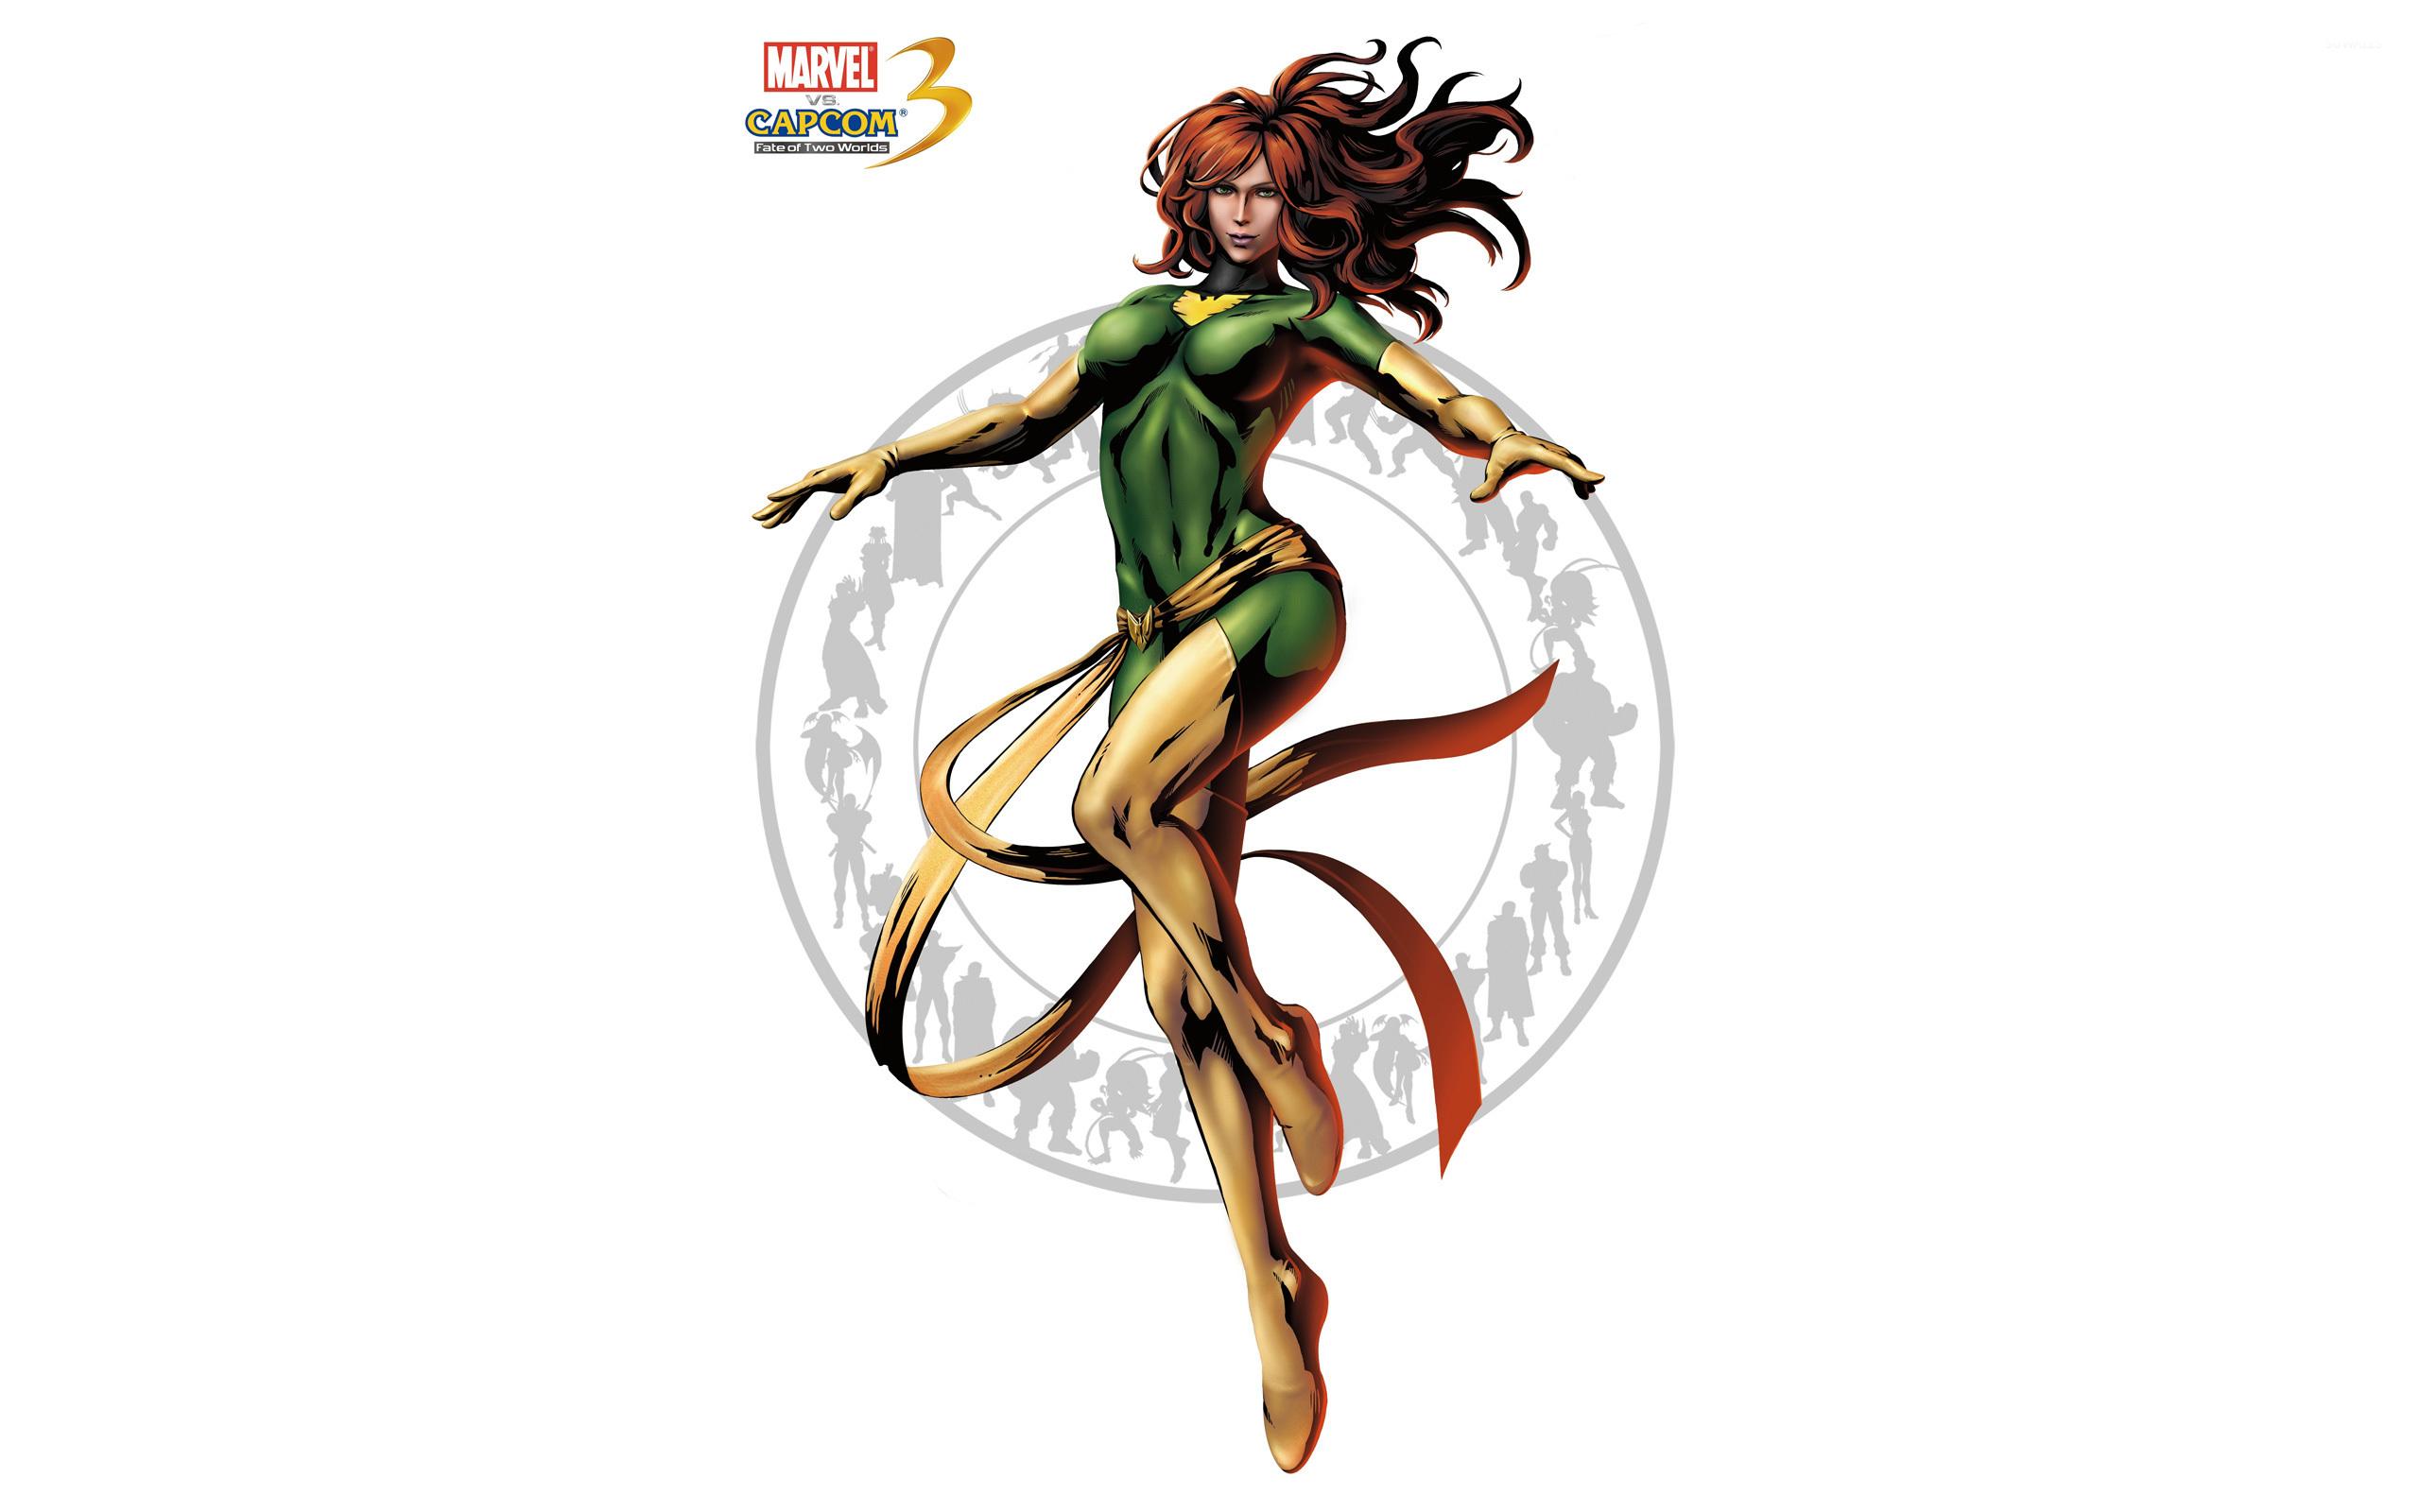 Marvel Vs Capcom 3 Phoenix Wallpaper Game Wallpapers